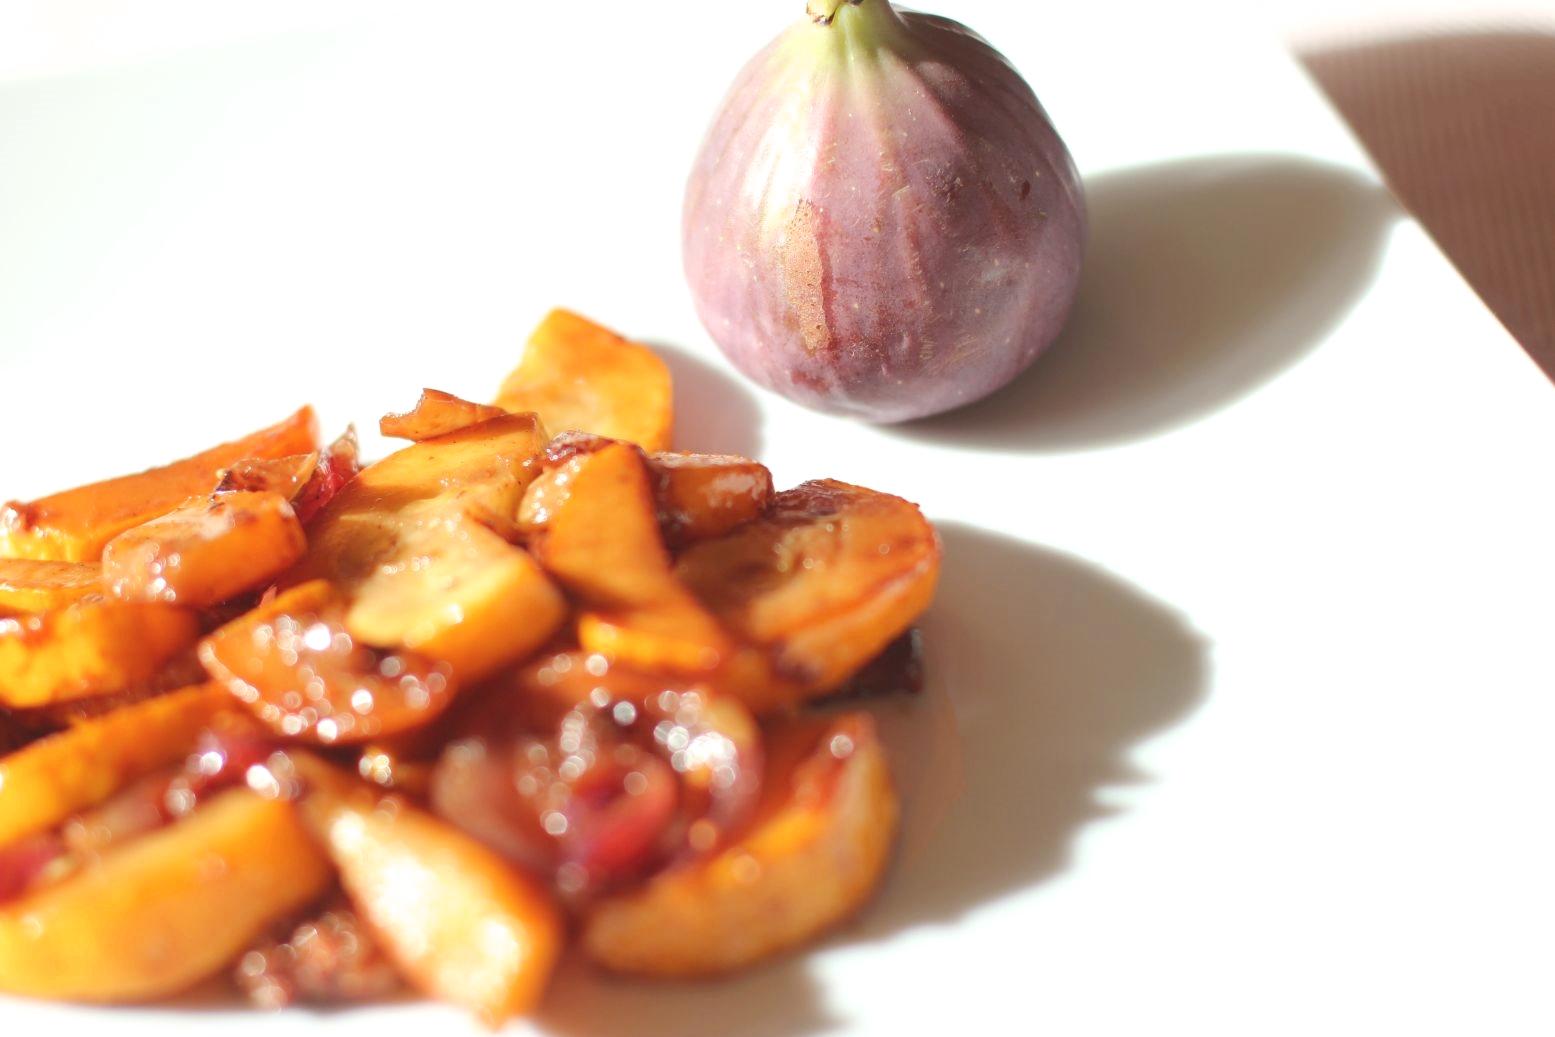 Feigen eigenen sich besonders gut für herbstliches Gemüse